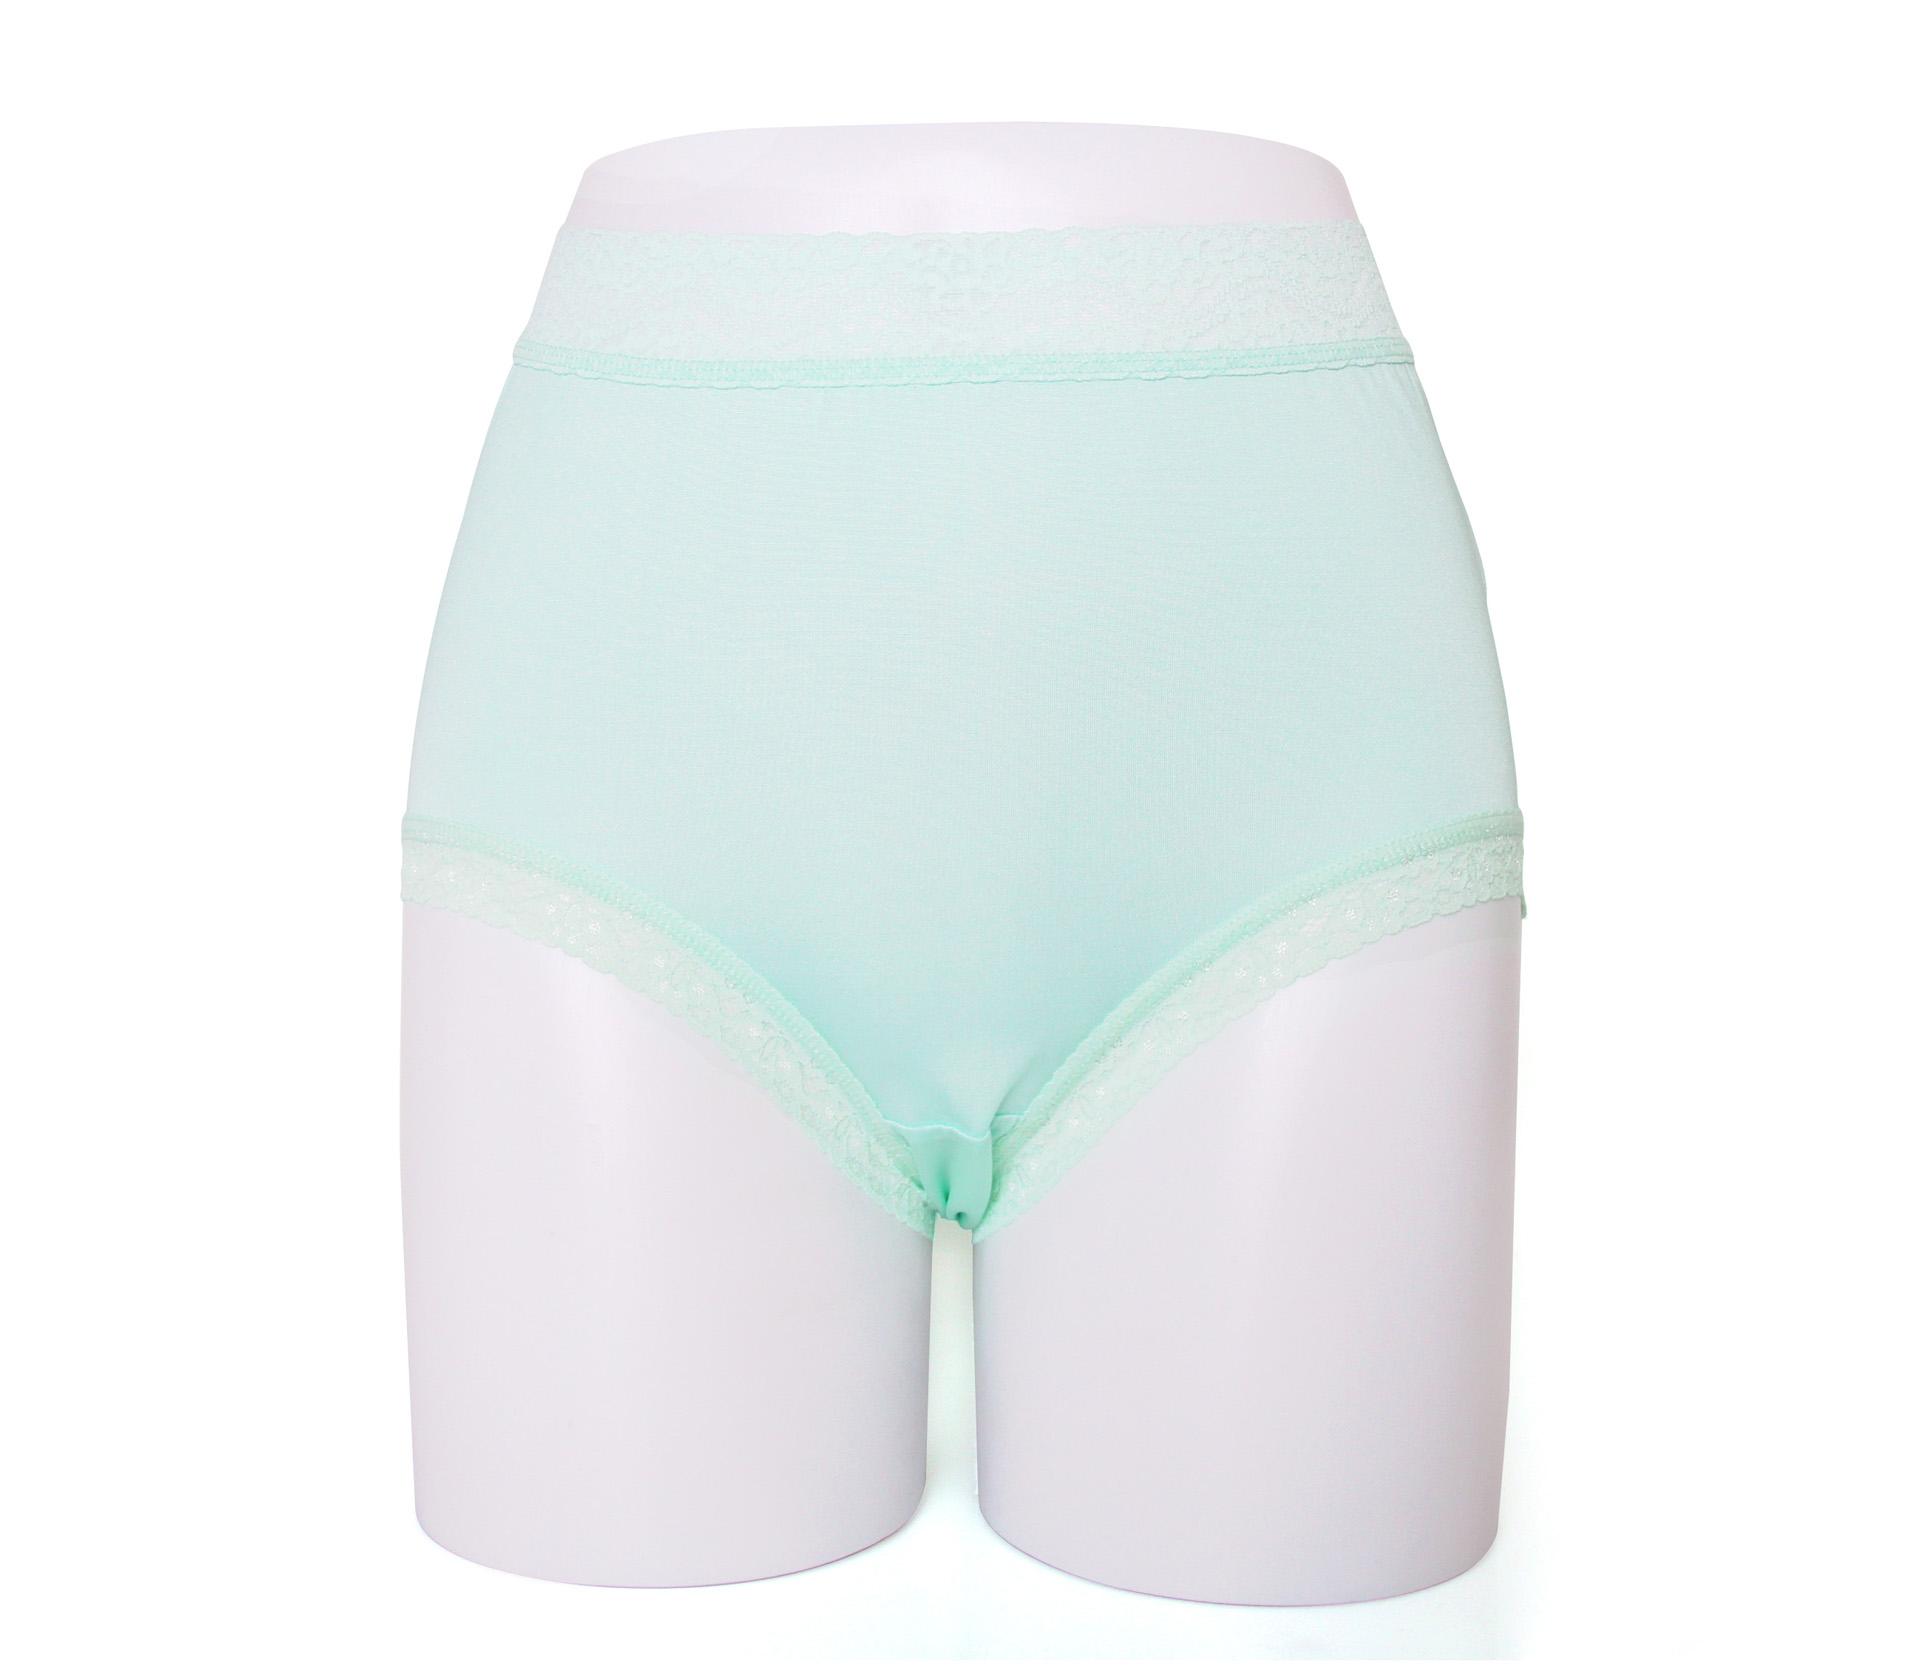 闕蘭絹親膚舒適包覆頂級40針100%蠶絲內褲-88798(綠)